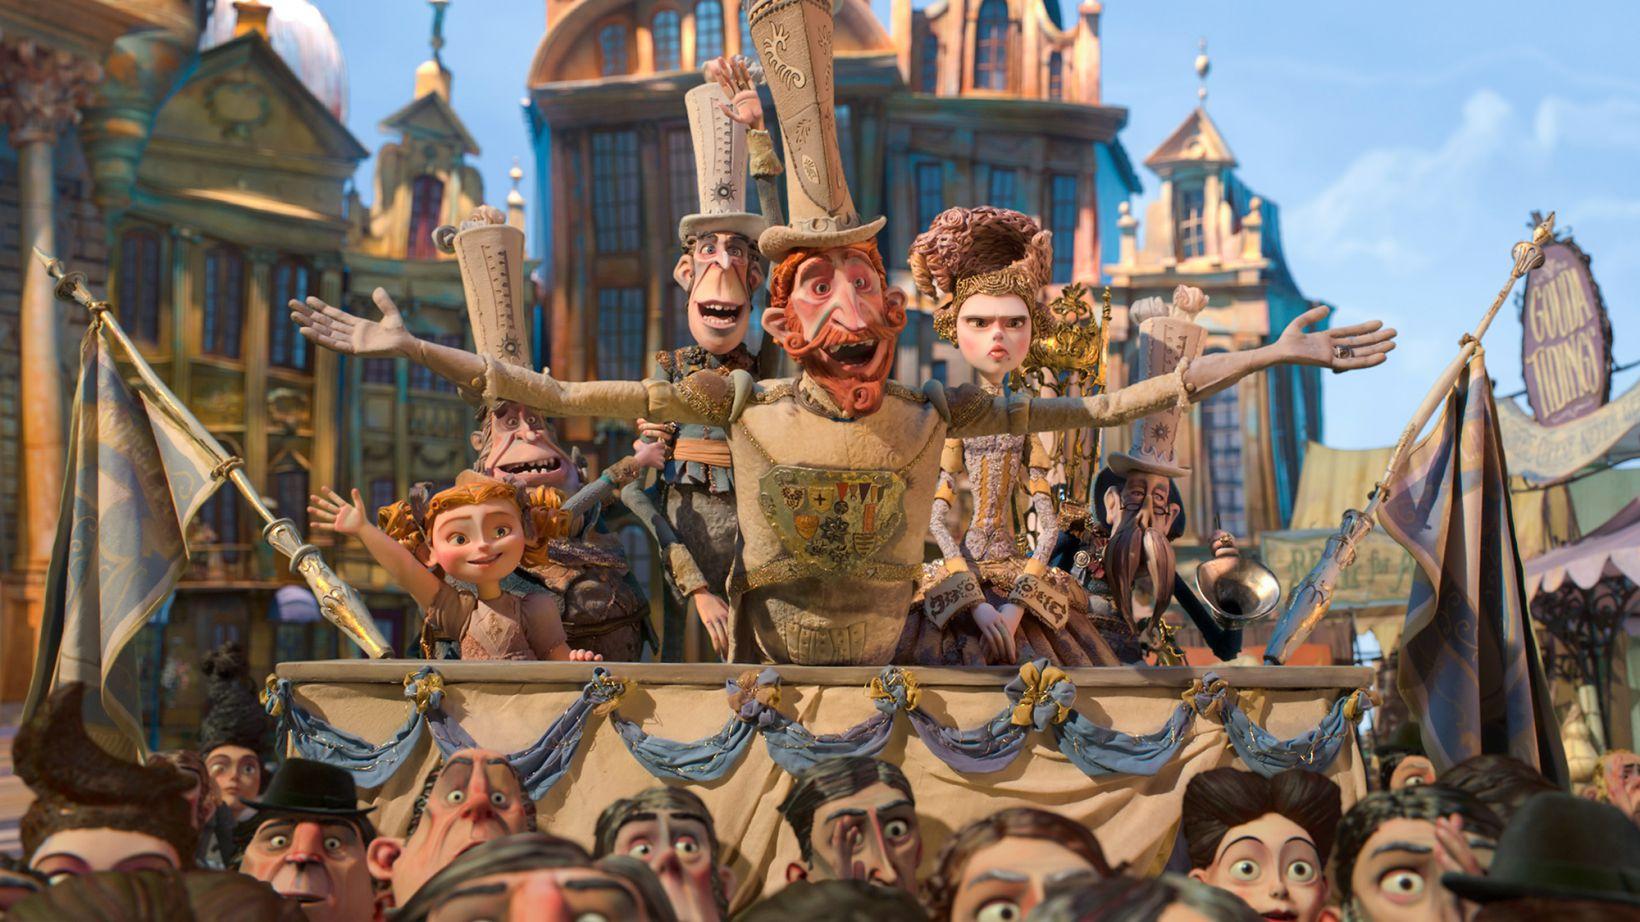 Filmszene aus einem Stop-Motion-Film von Laika: Das Filmstudio hat schon mehrere Oscars gewonnen. Die Figuren des nächsten Films produziert Laika mit deutscher Drucksoftware von Fraunhofer.